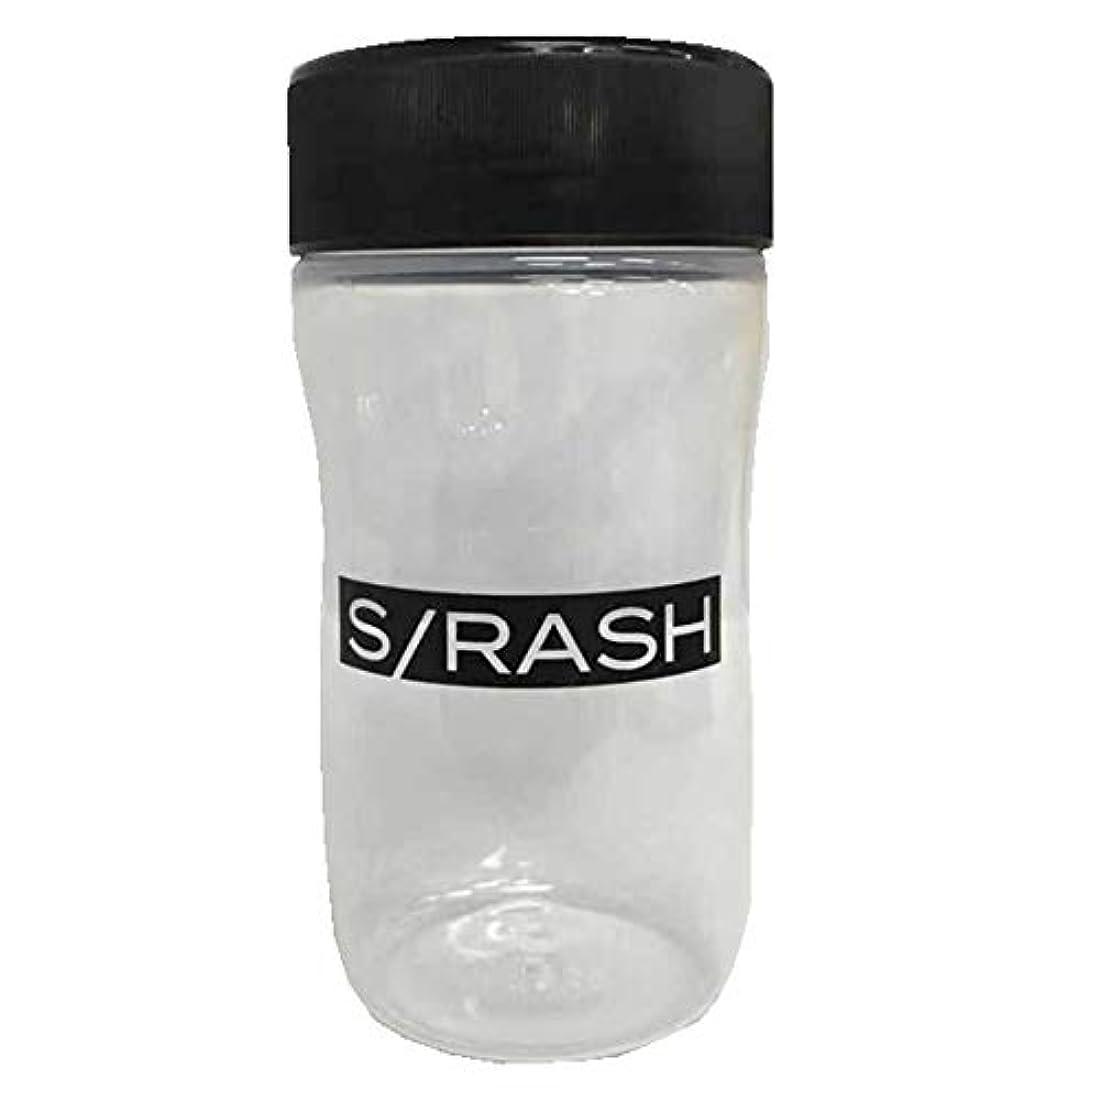 運命衛星研磨【スラッシュ】 S/RASH プロテインシェイカー ボトル ランニング トレーニング